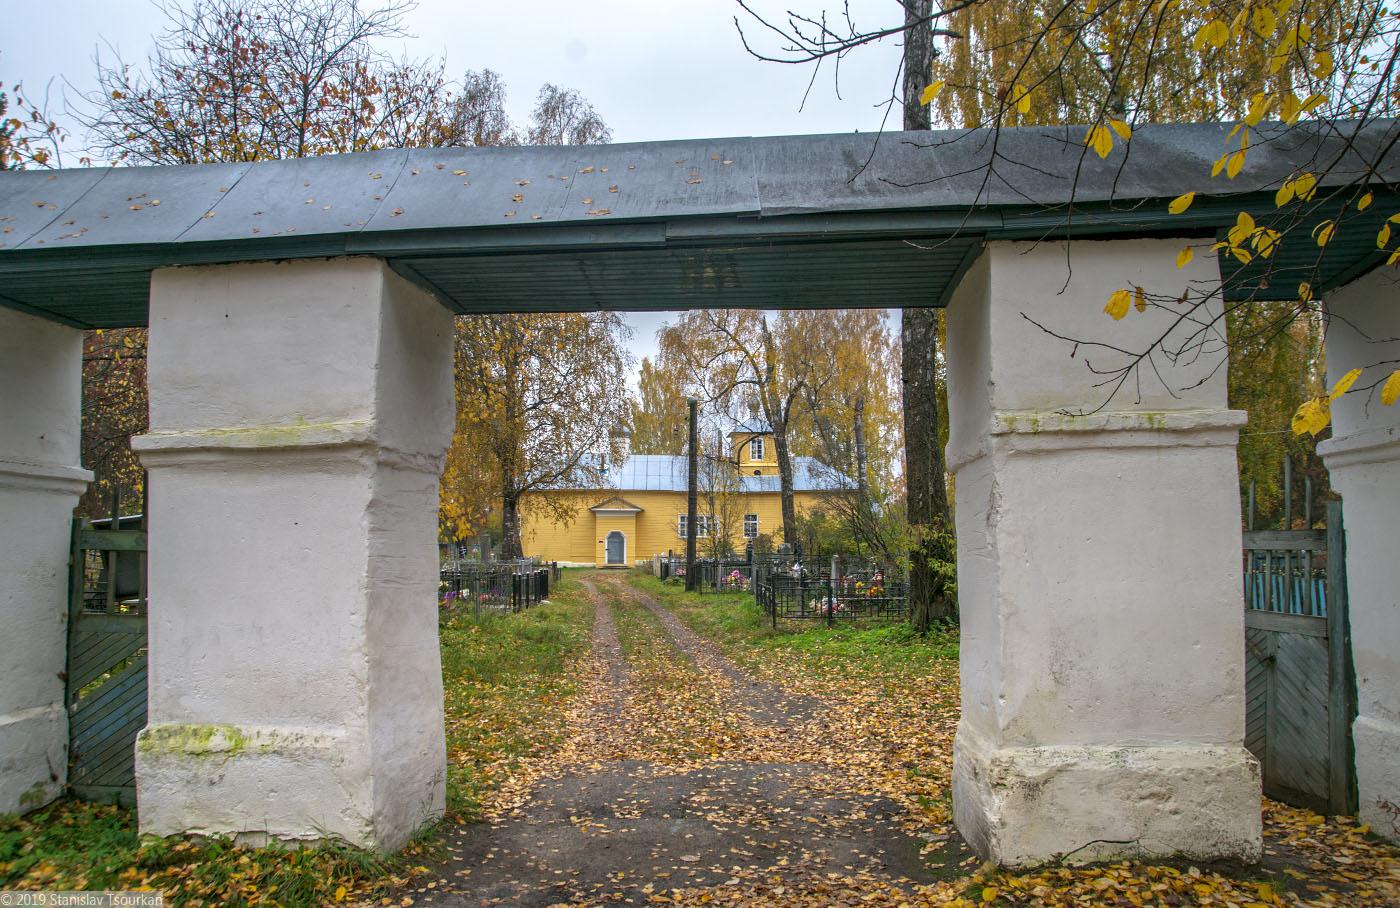 Весьегонск, Тверская область, кладбище, колонны